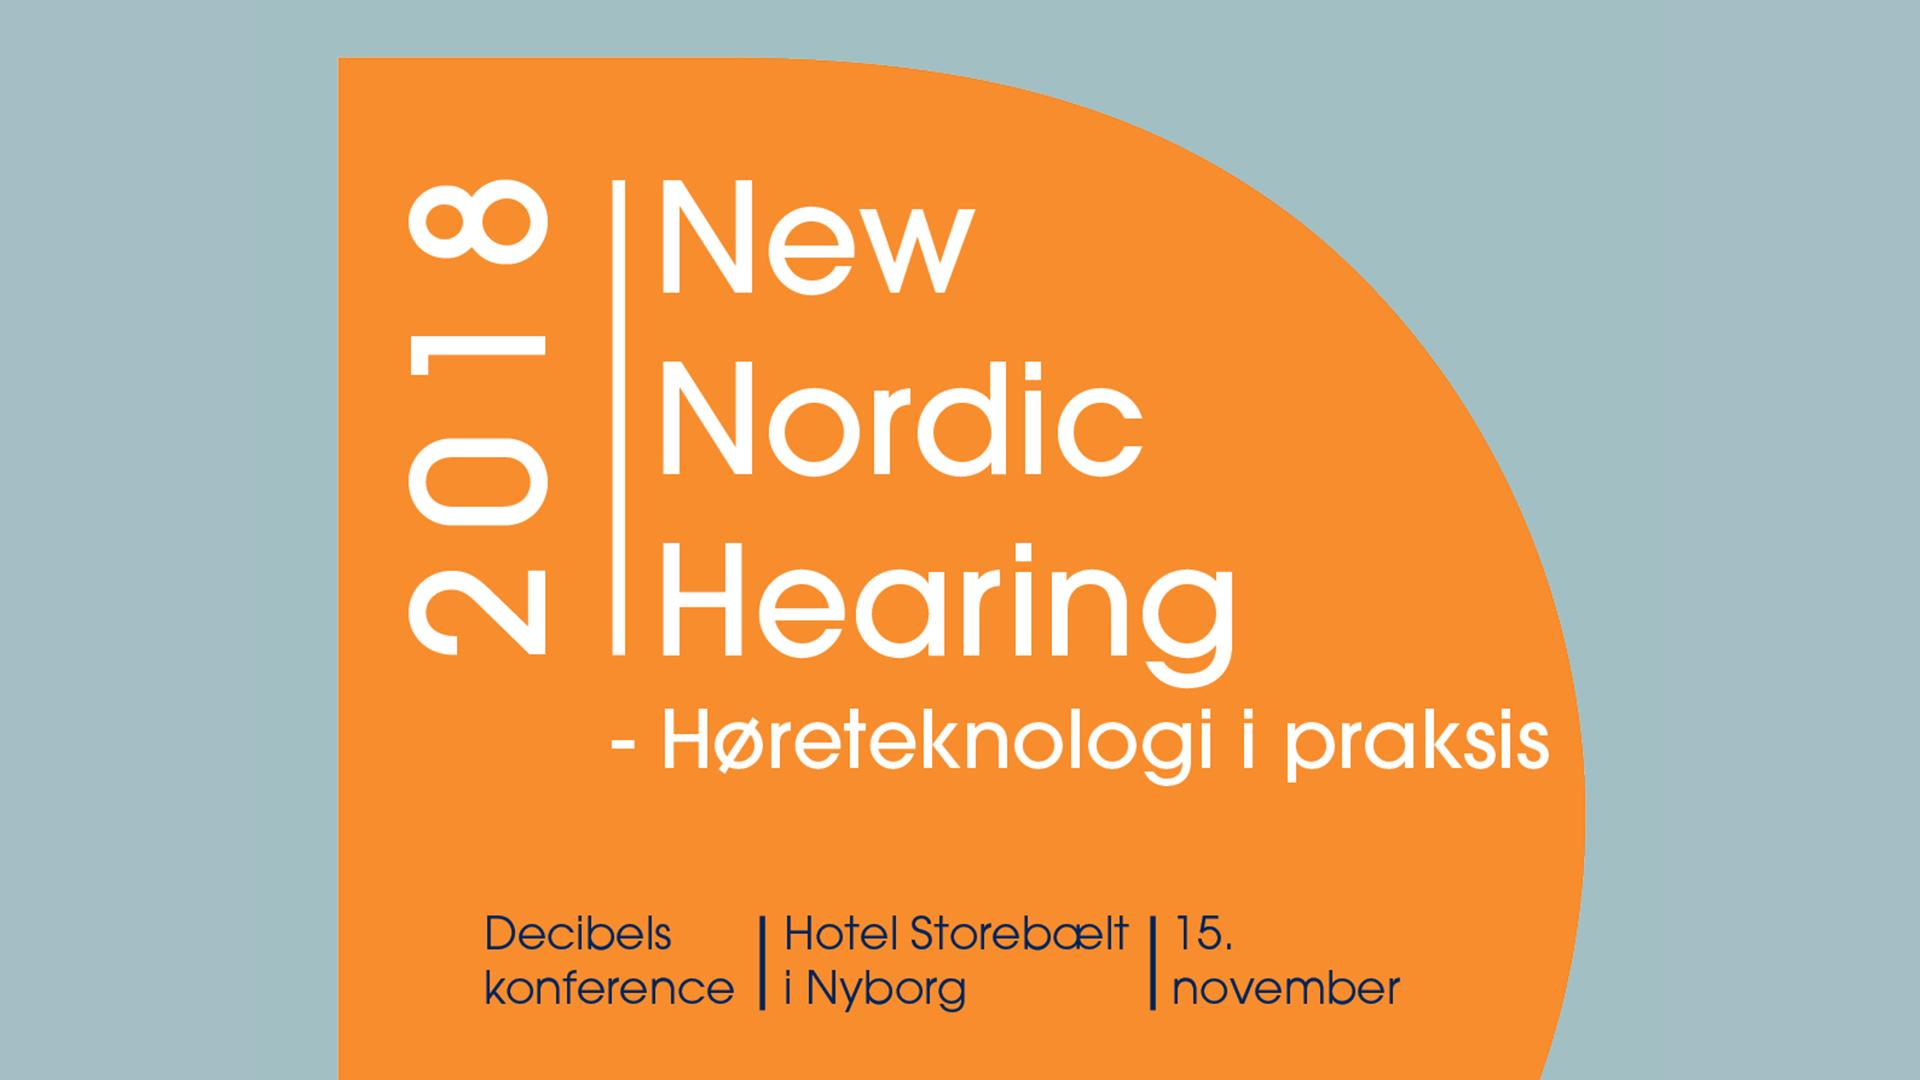 New Nordic Hearing - Høreteknologi i praksis